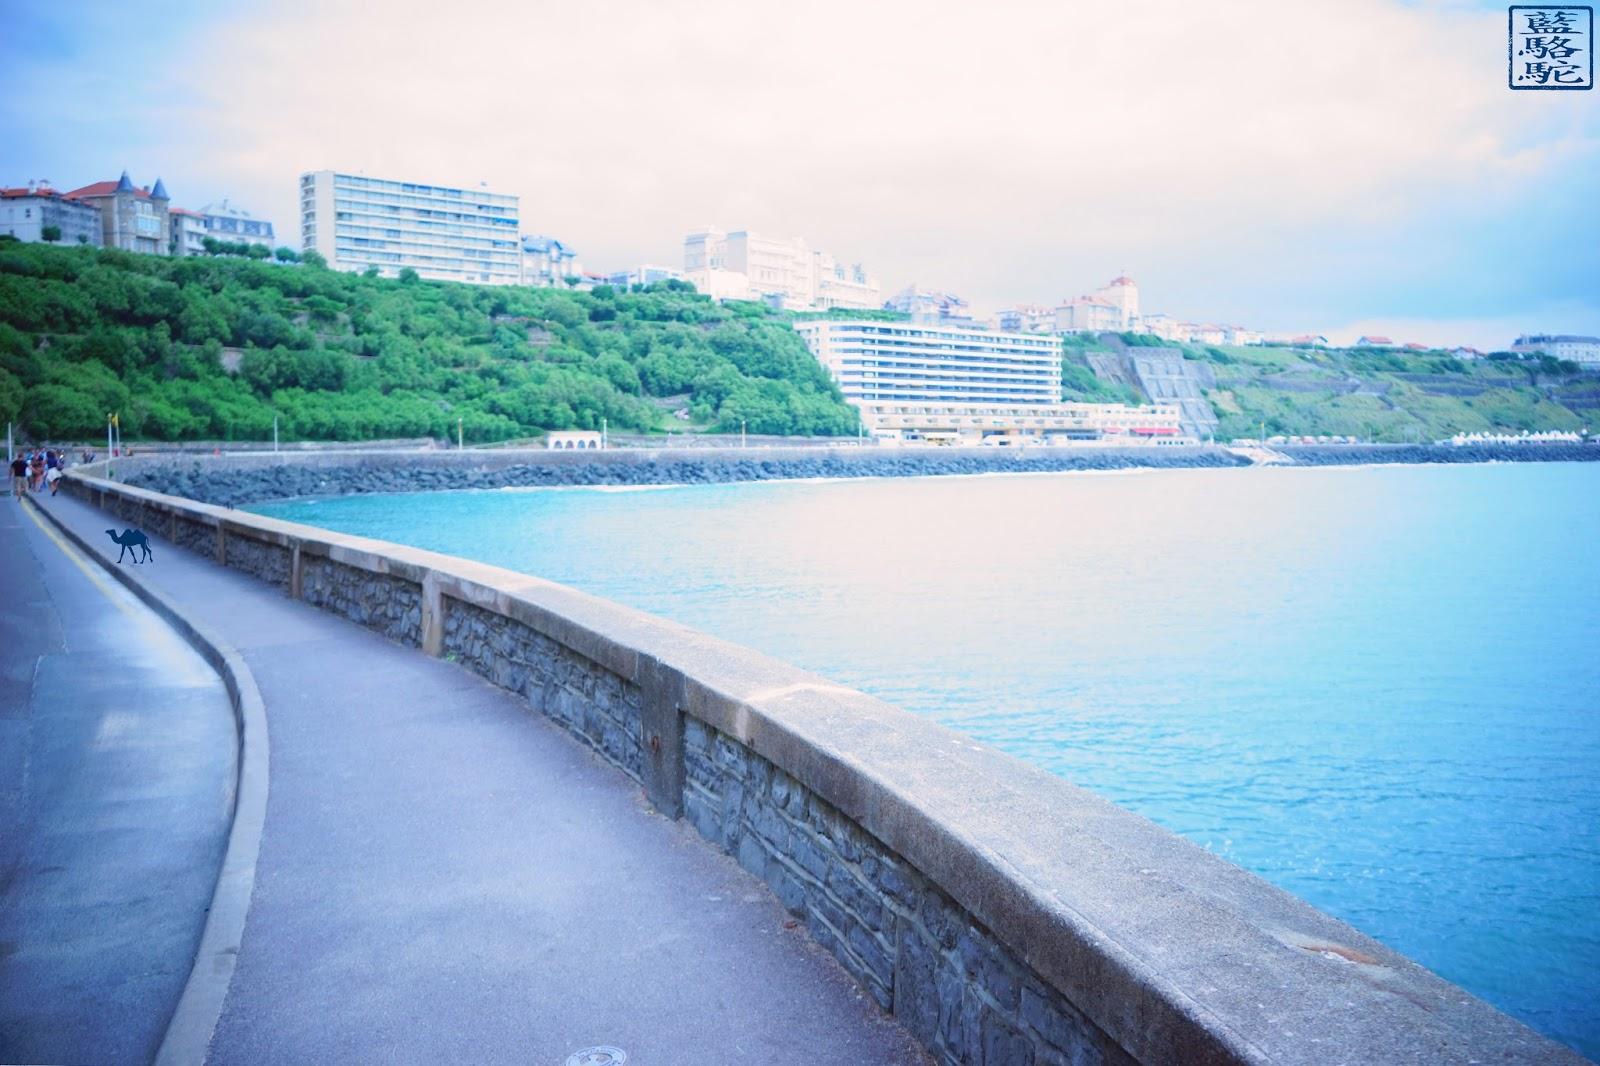 Le Chameau Bleu - Biarritz - boulevard du Prince de Galles - France